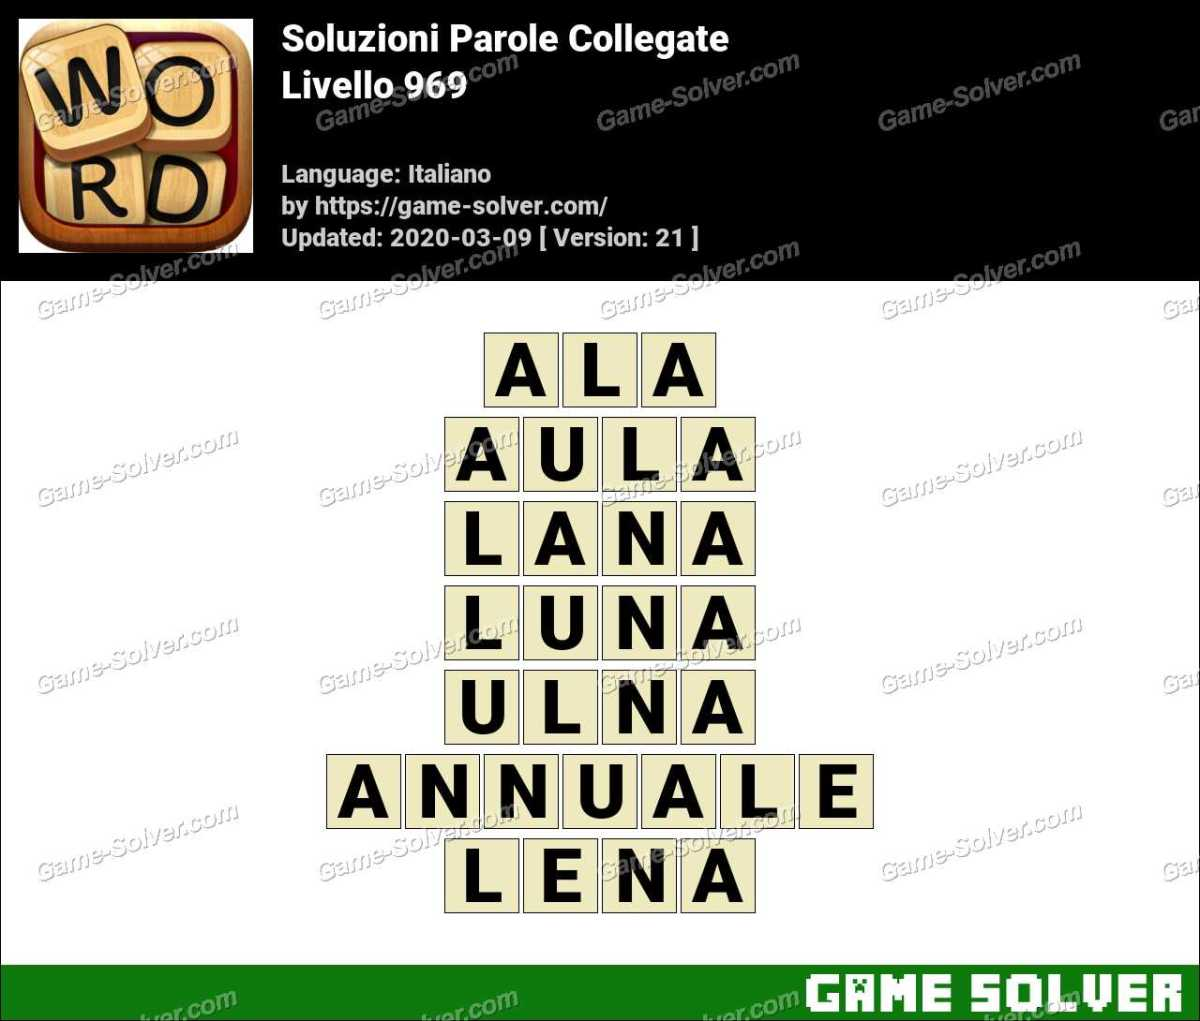 Soluzioni Parole Collegate Livello 969